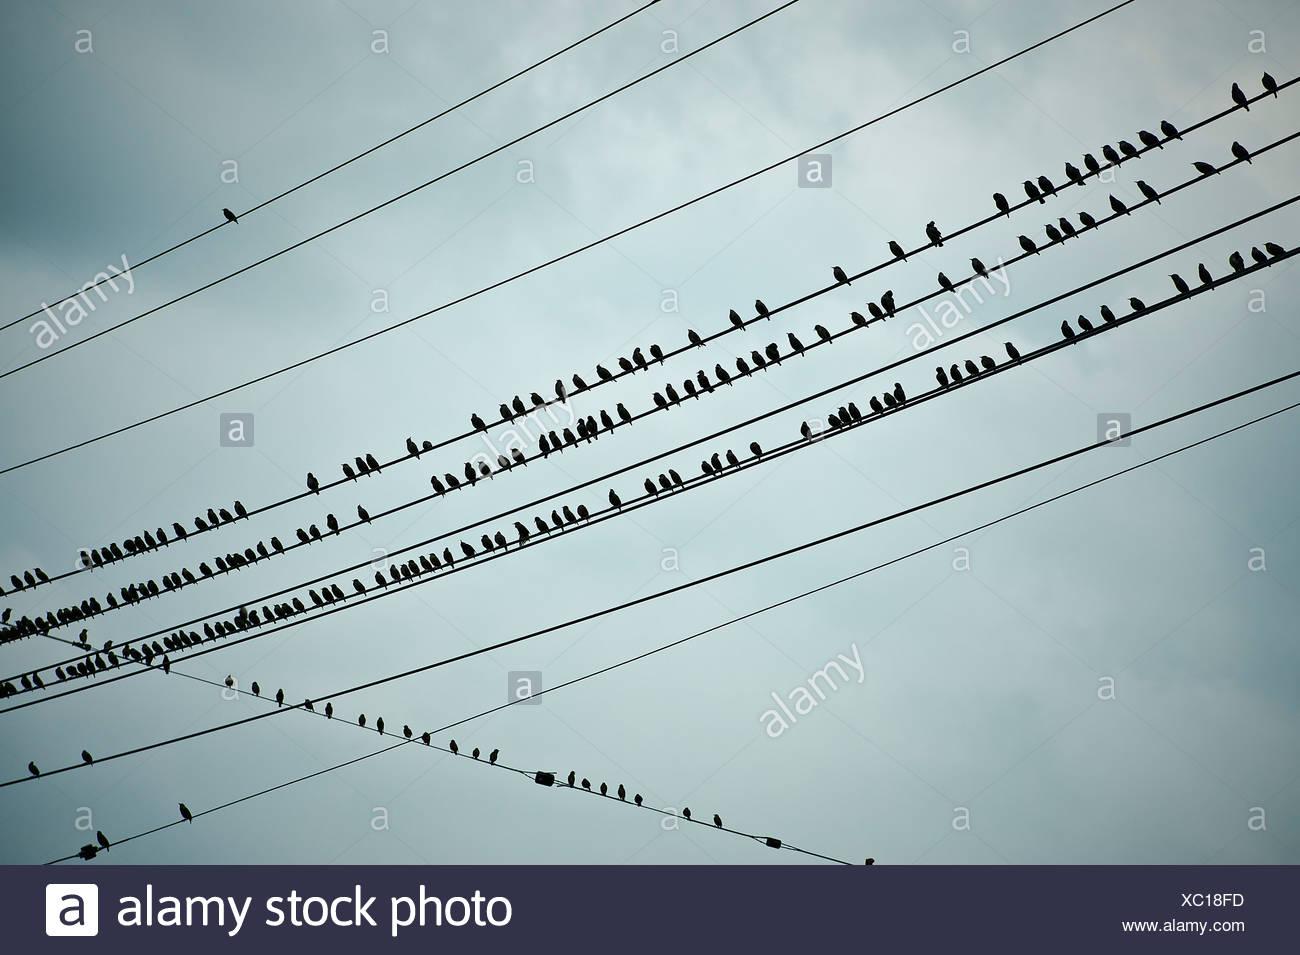 Vögel auf einem Kabel. Stockbild